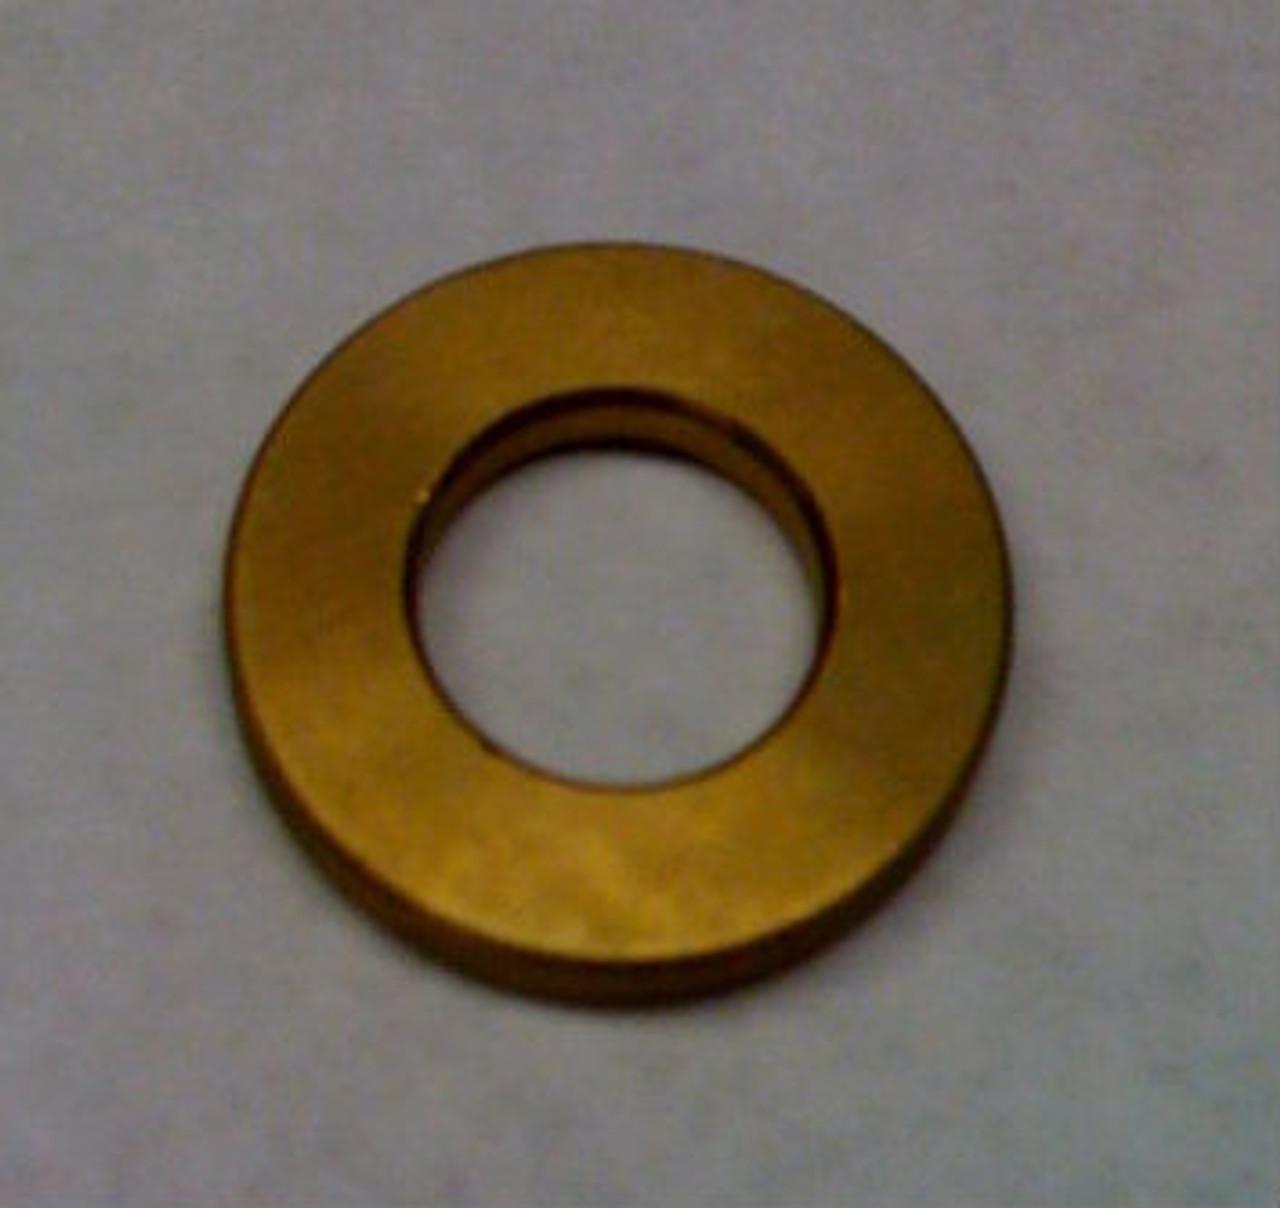 TorRey #12 Bronze Washer - 05-70389